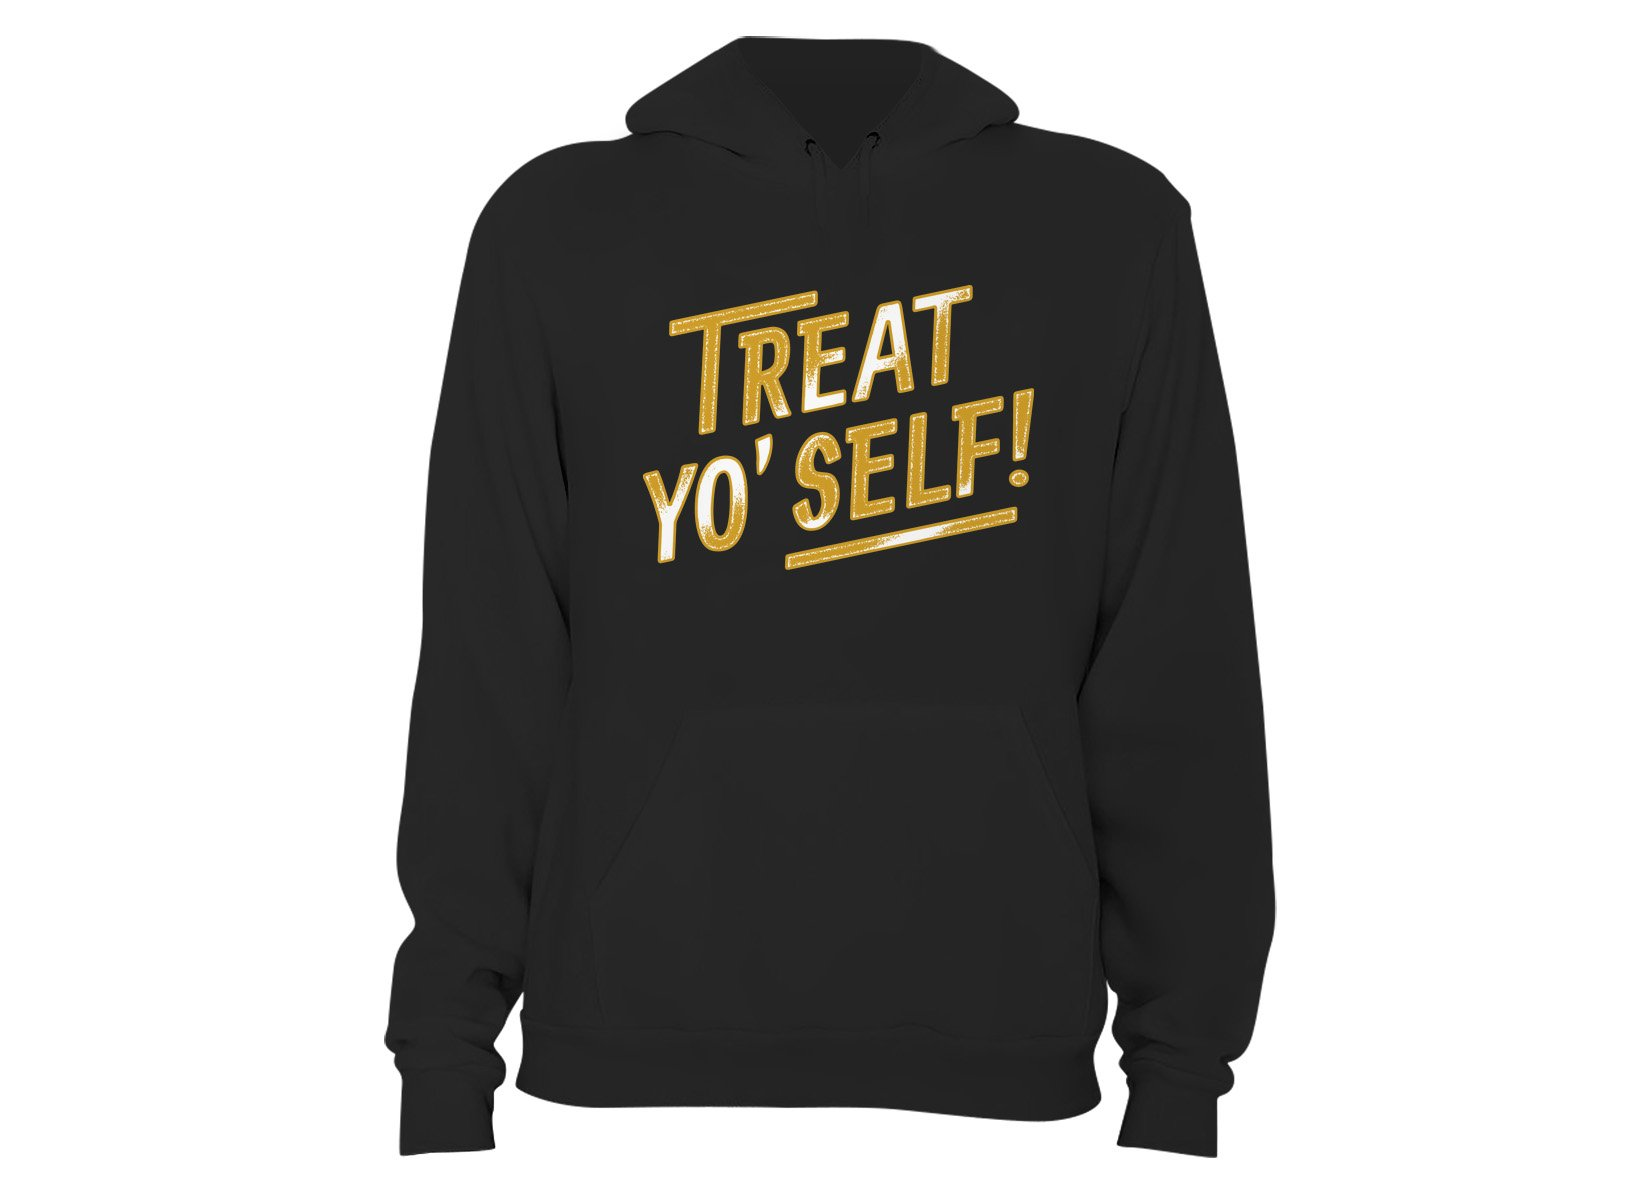 Treat Yo' Self! on Hoodie